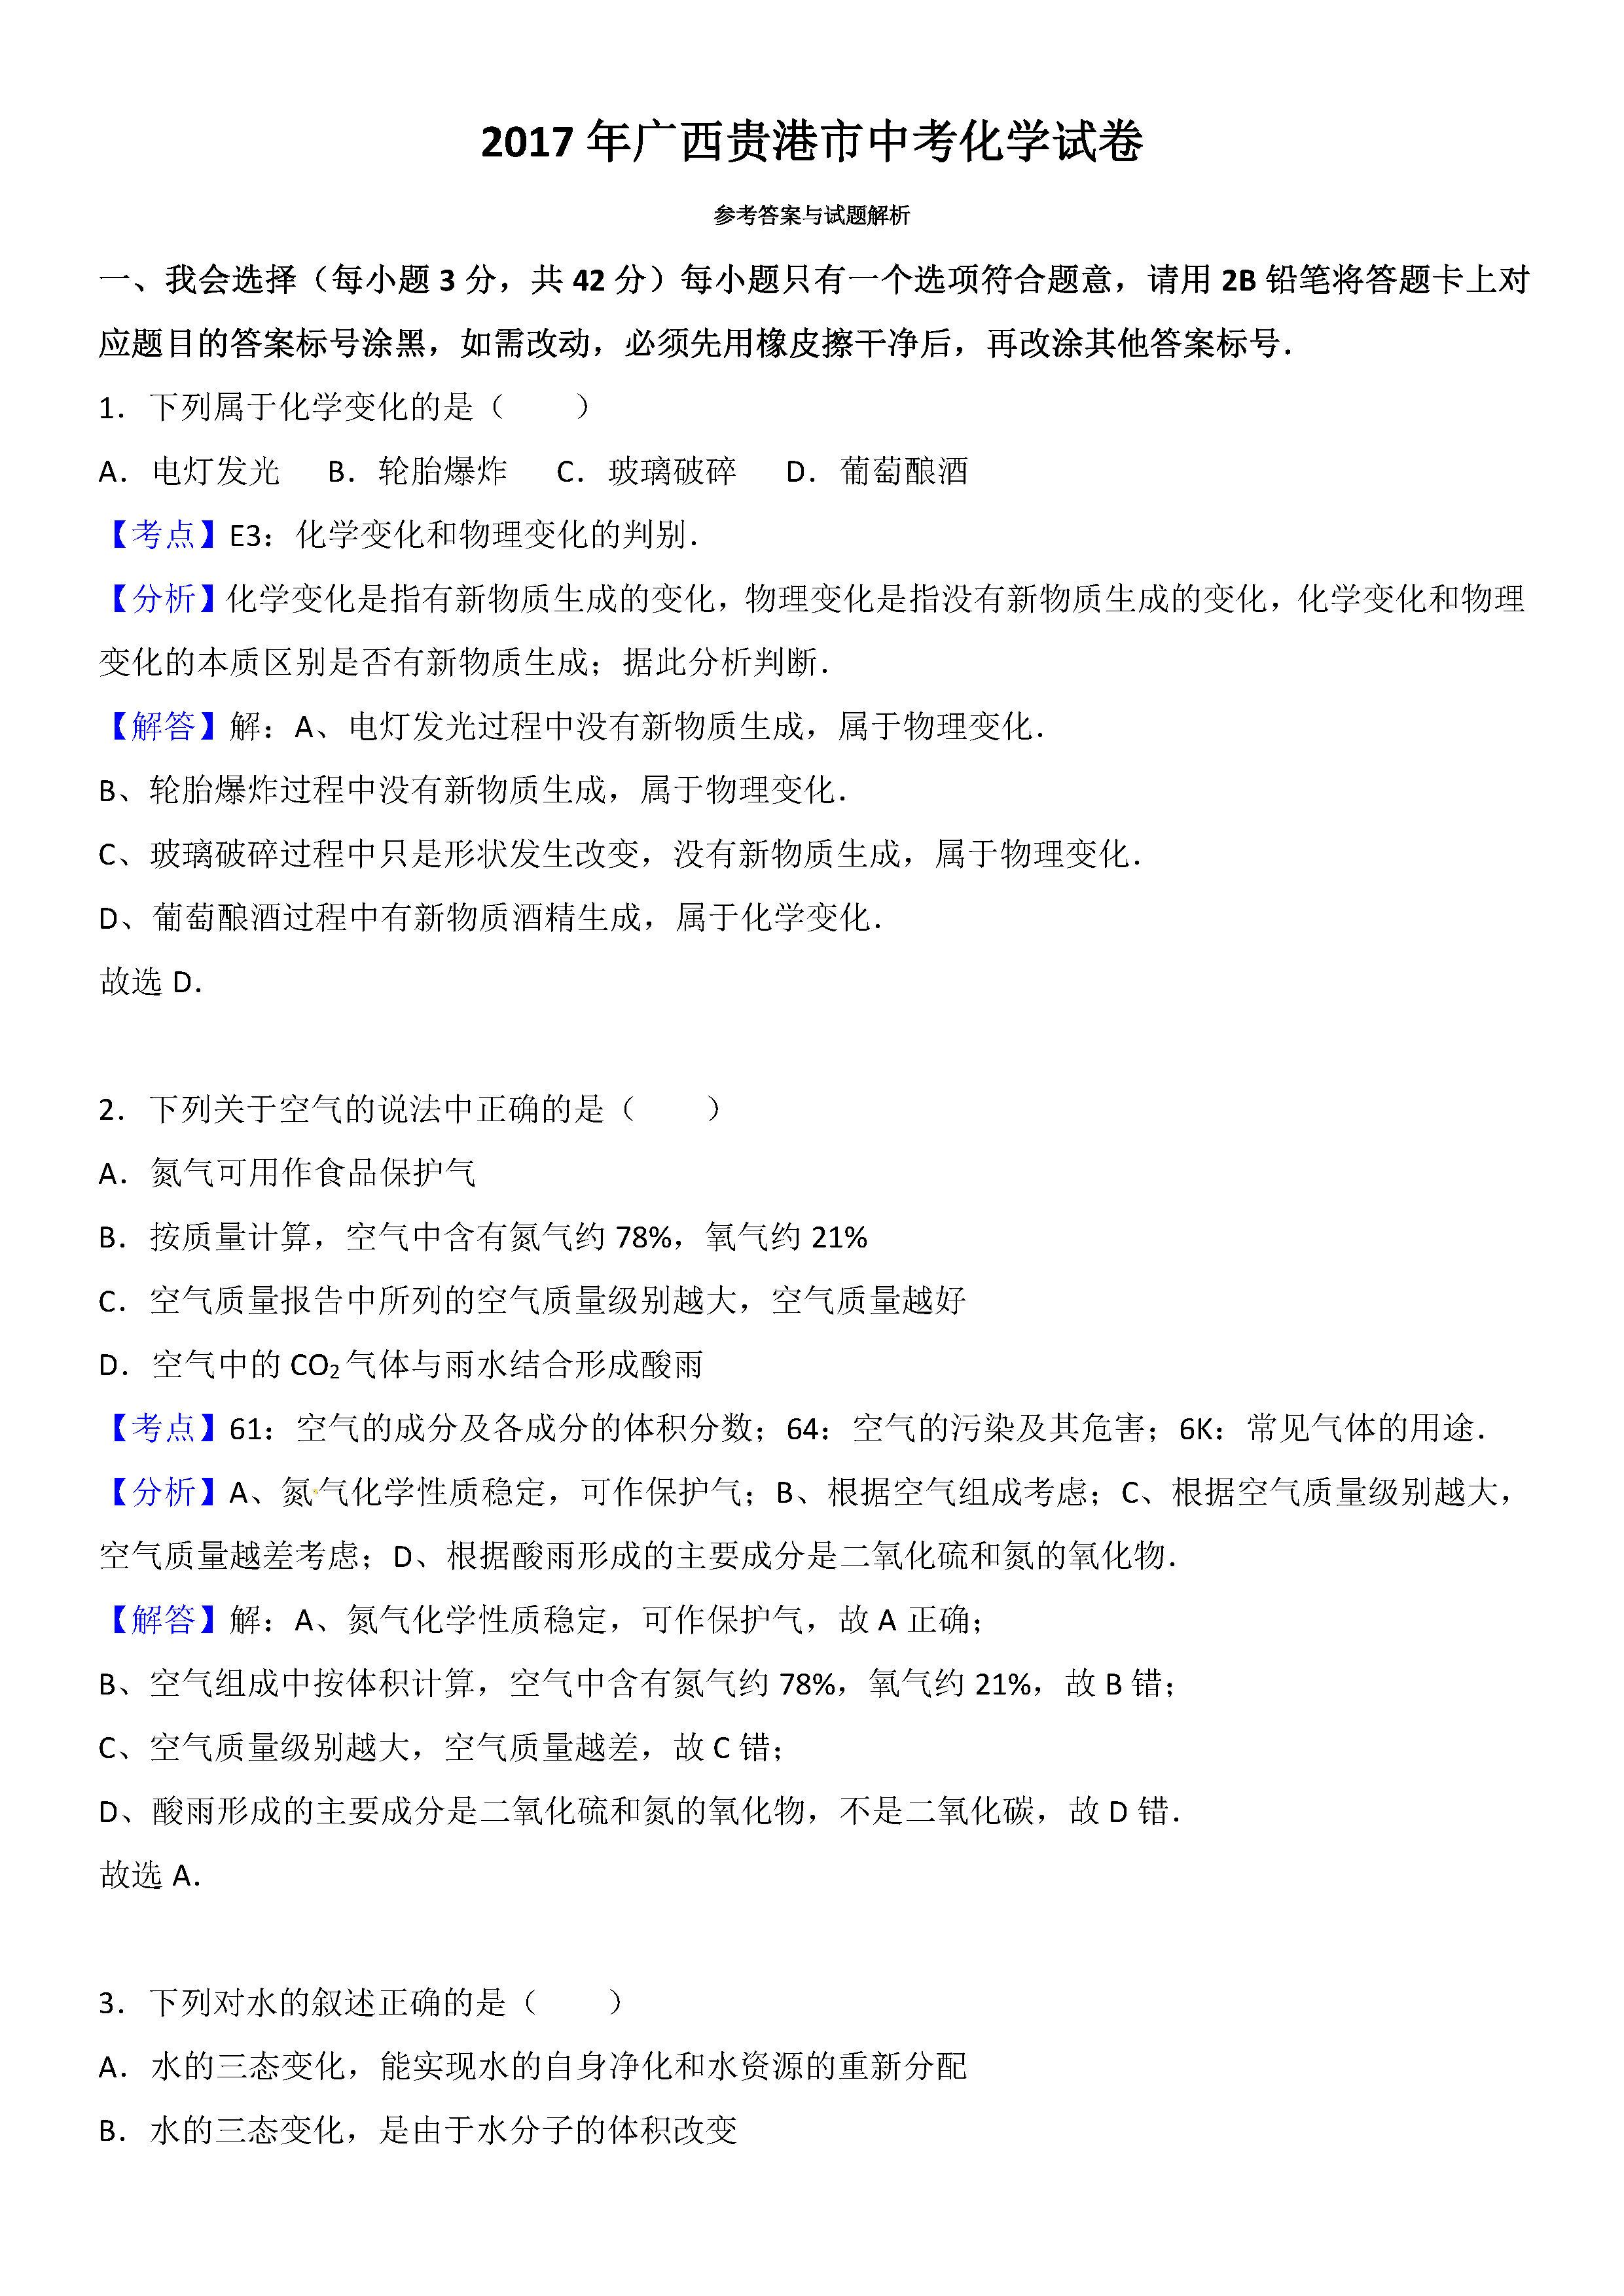 2017贵港中考化学试题及答案解析(word版含答案)